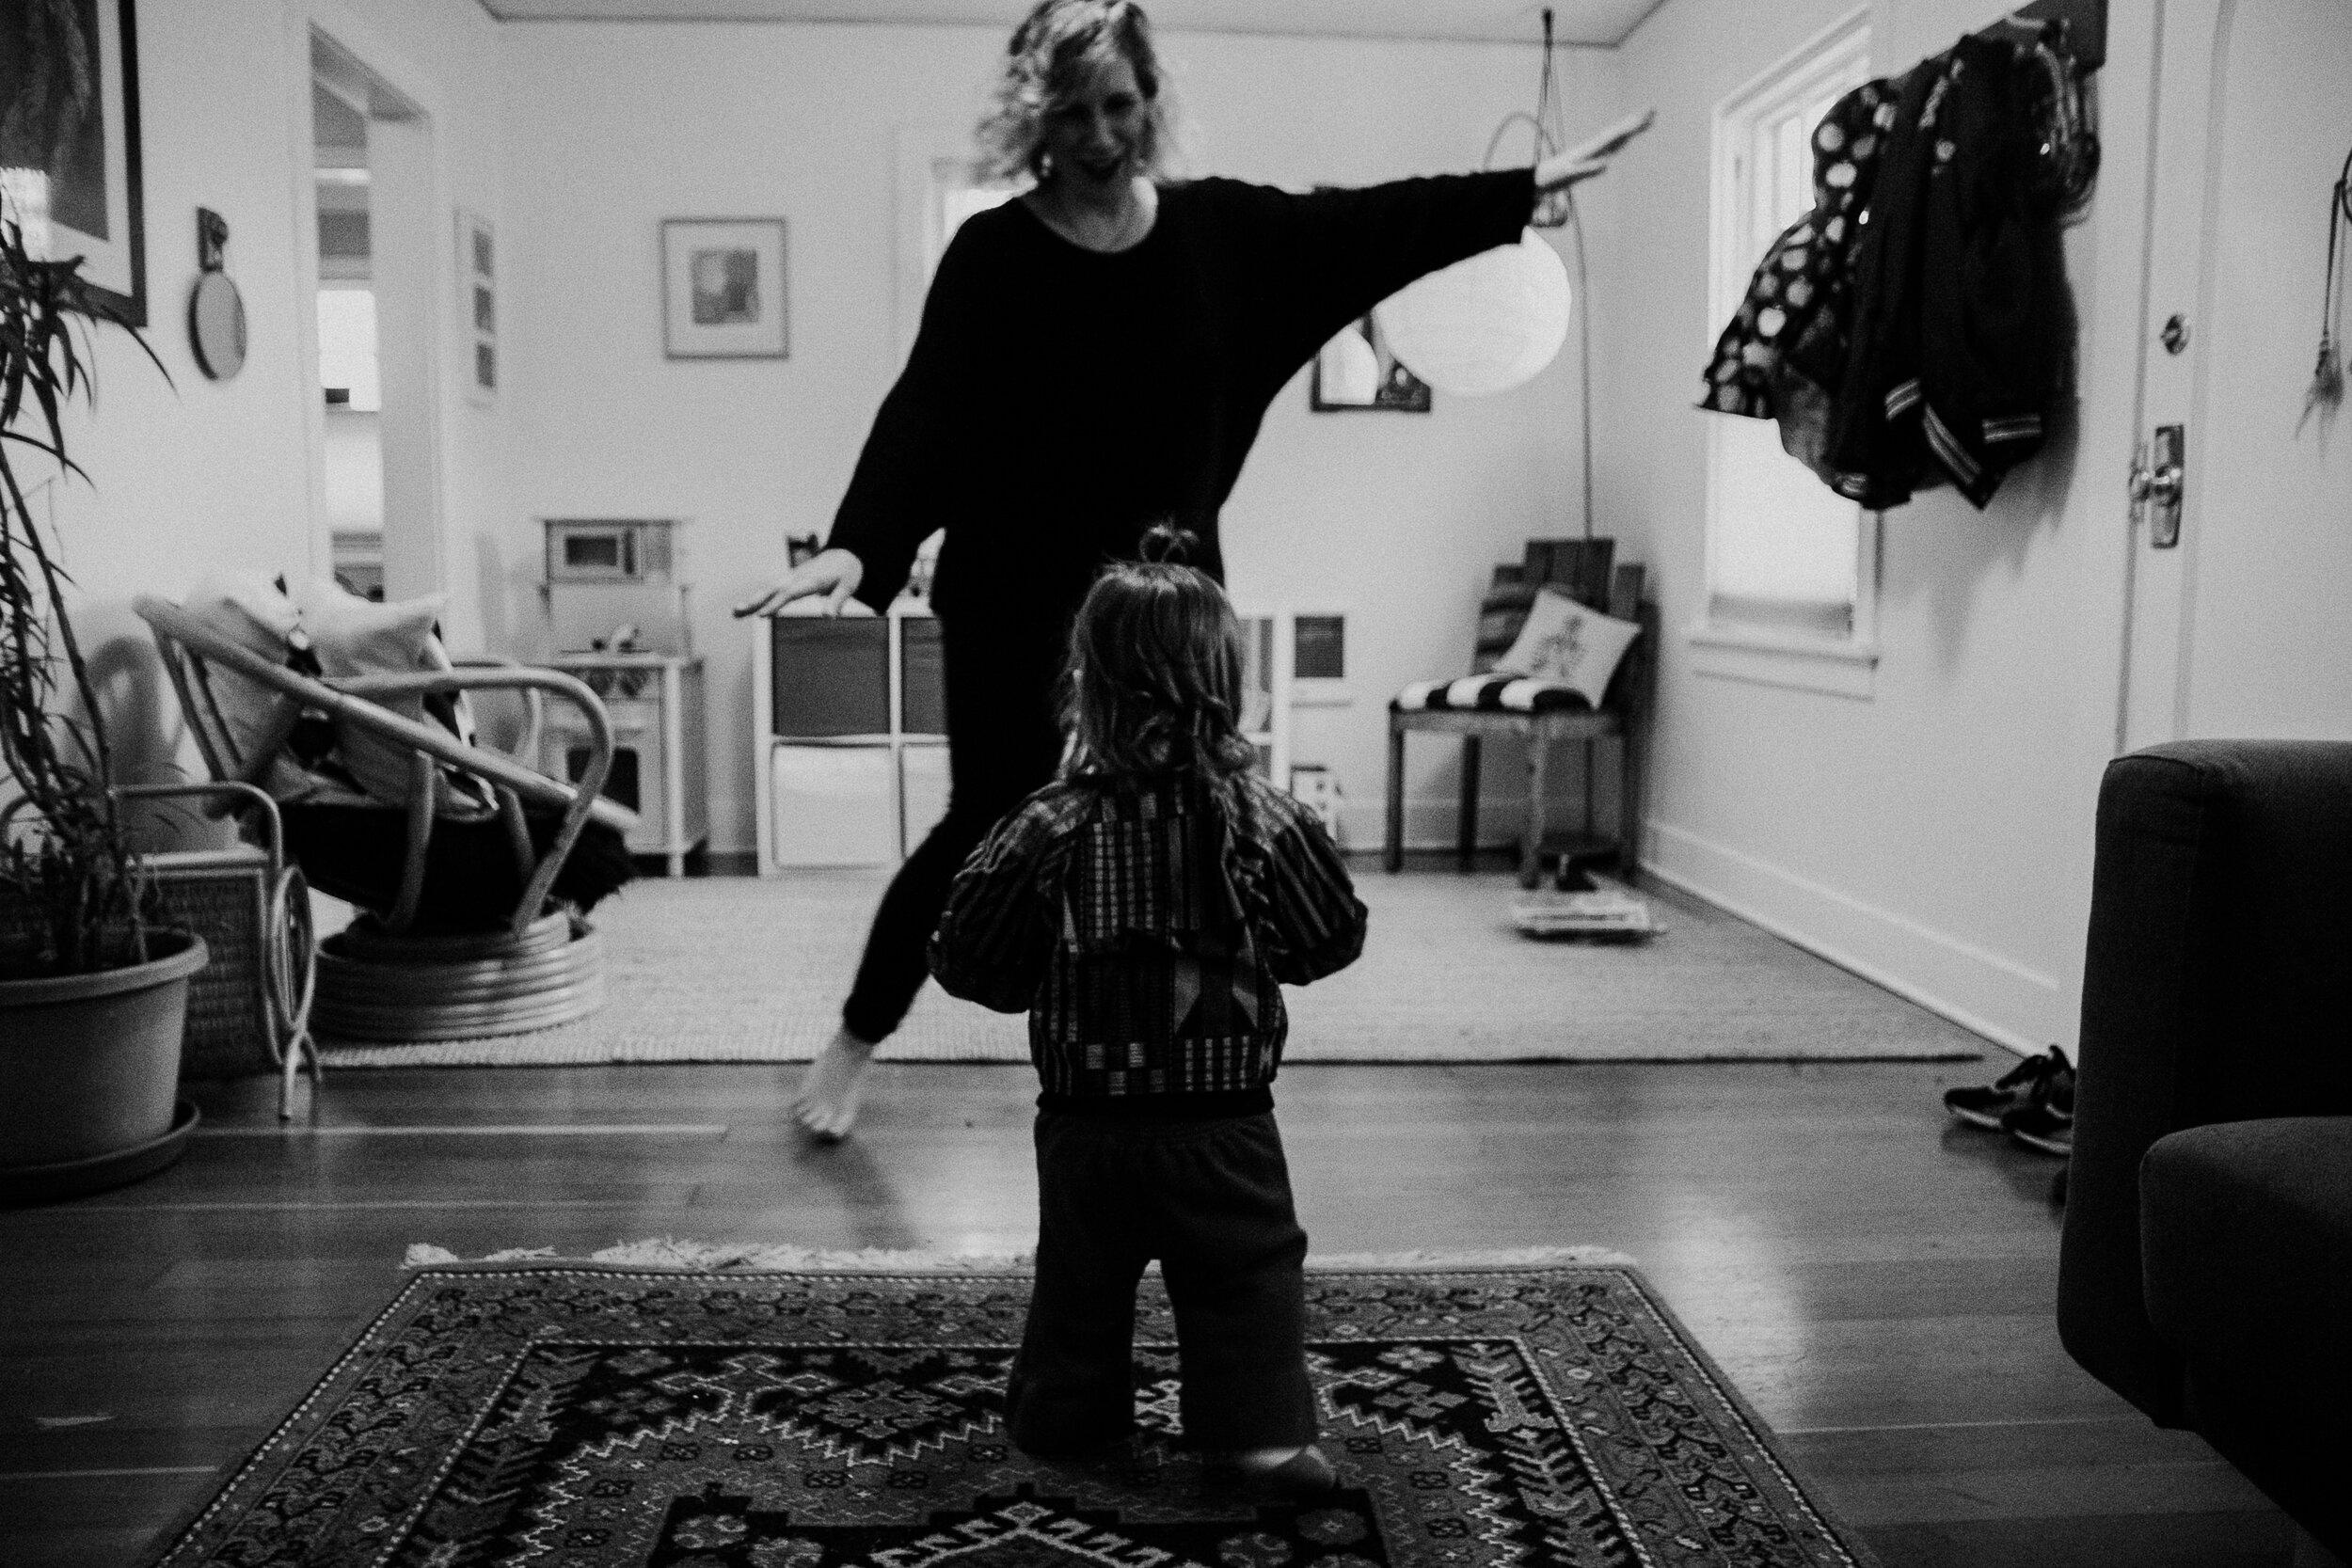 Photo by Jessie Zublin for www.firstfamilyphoto.co